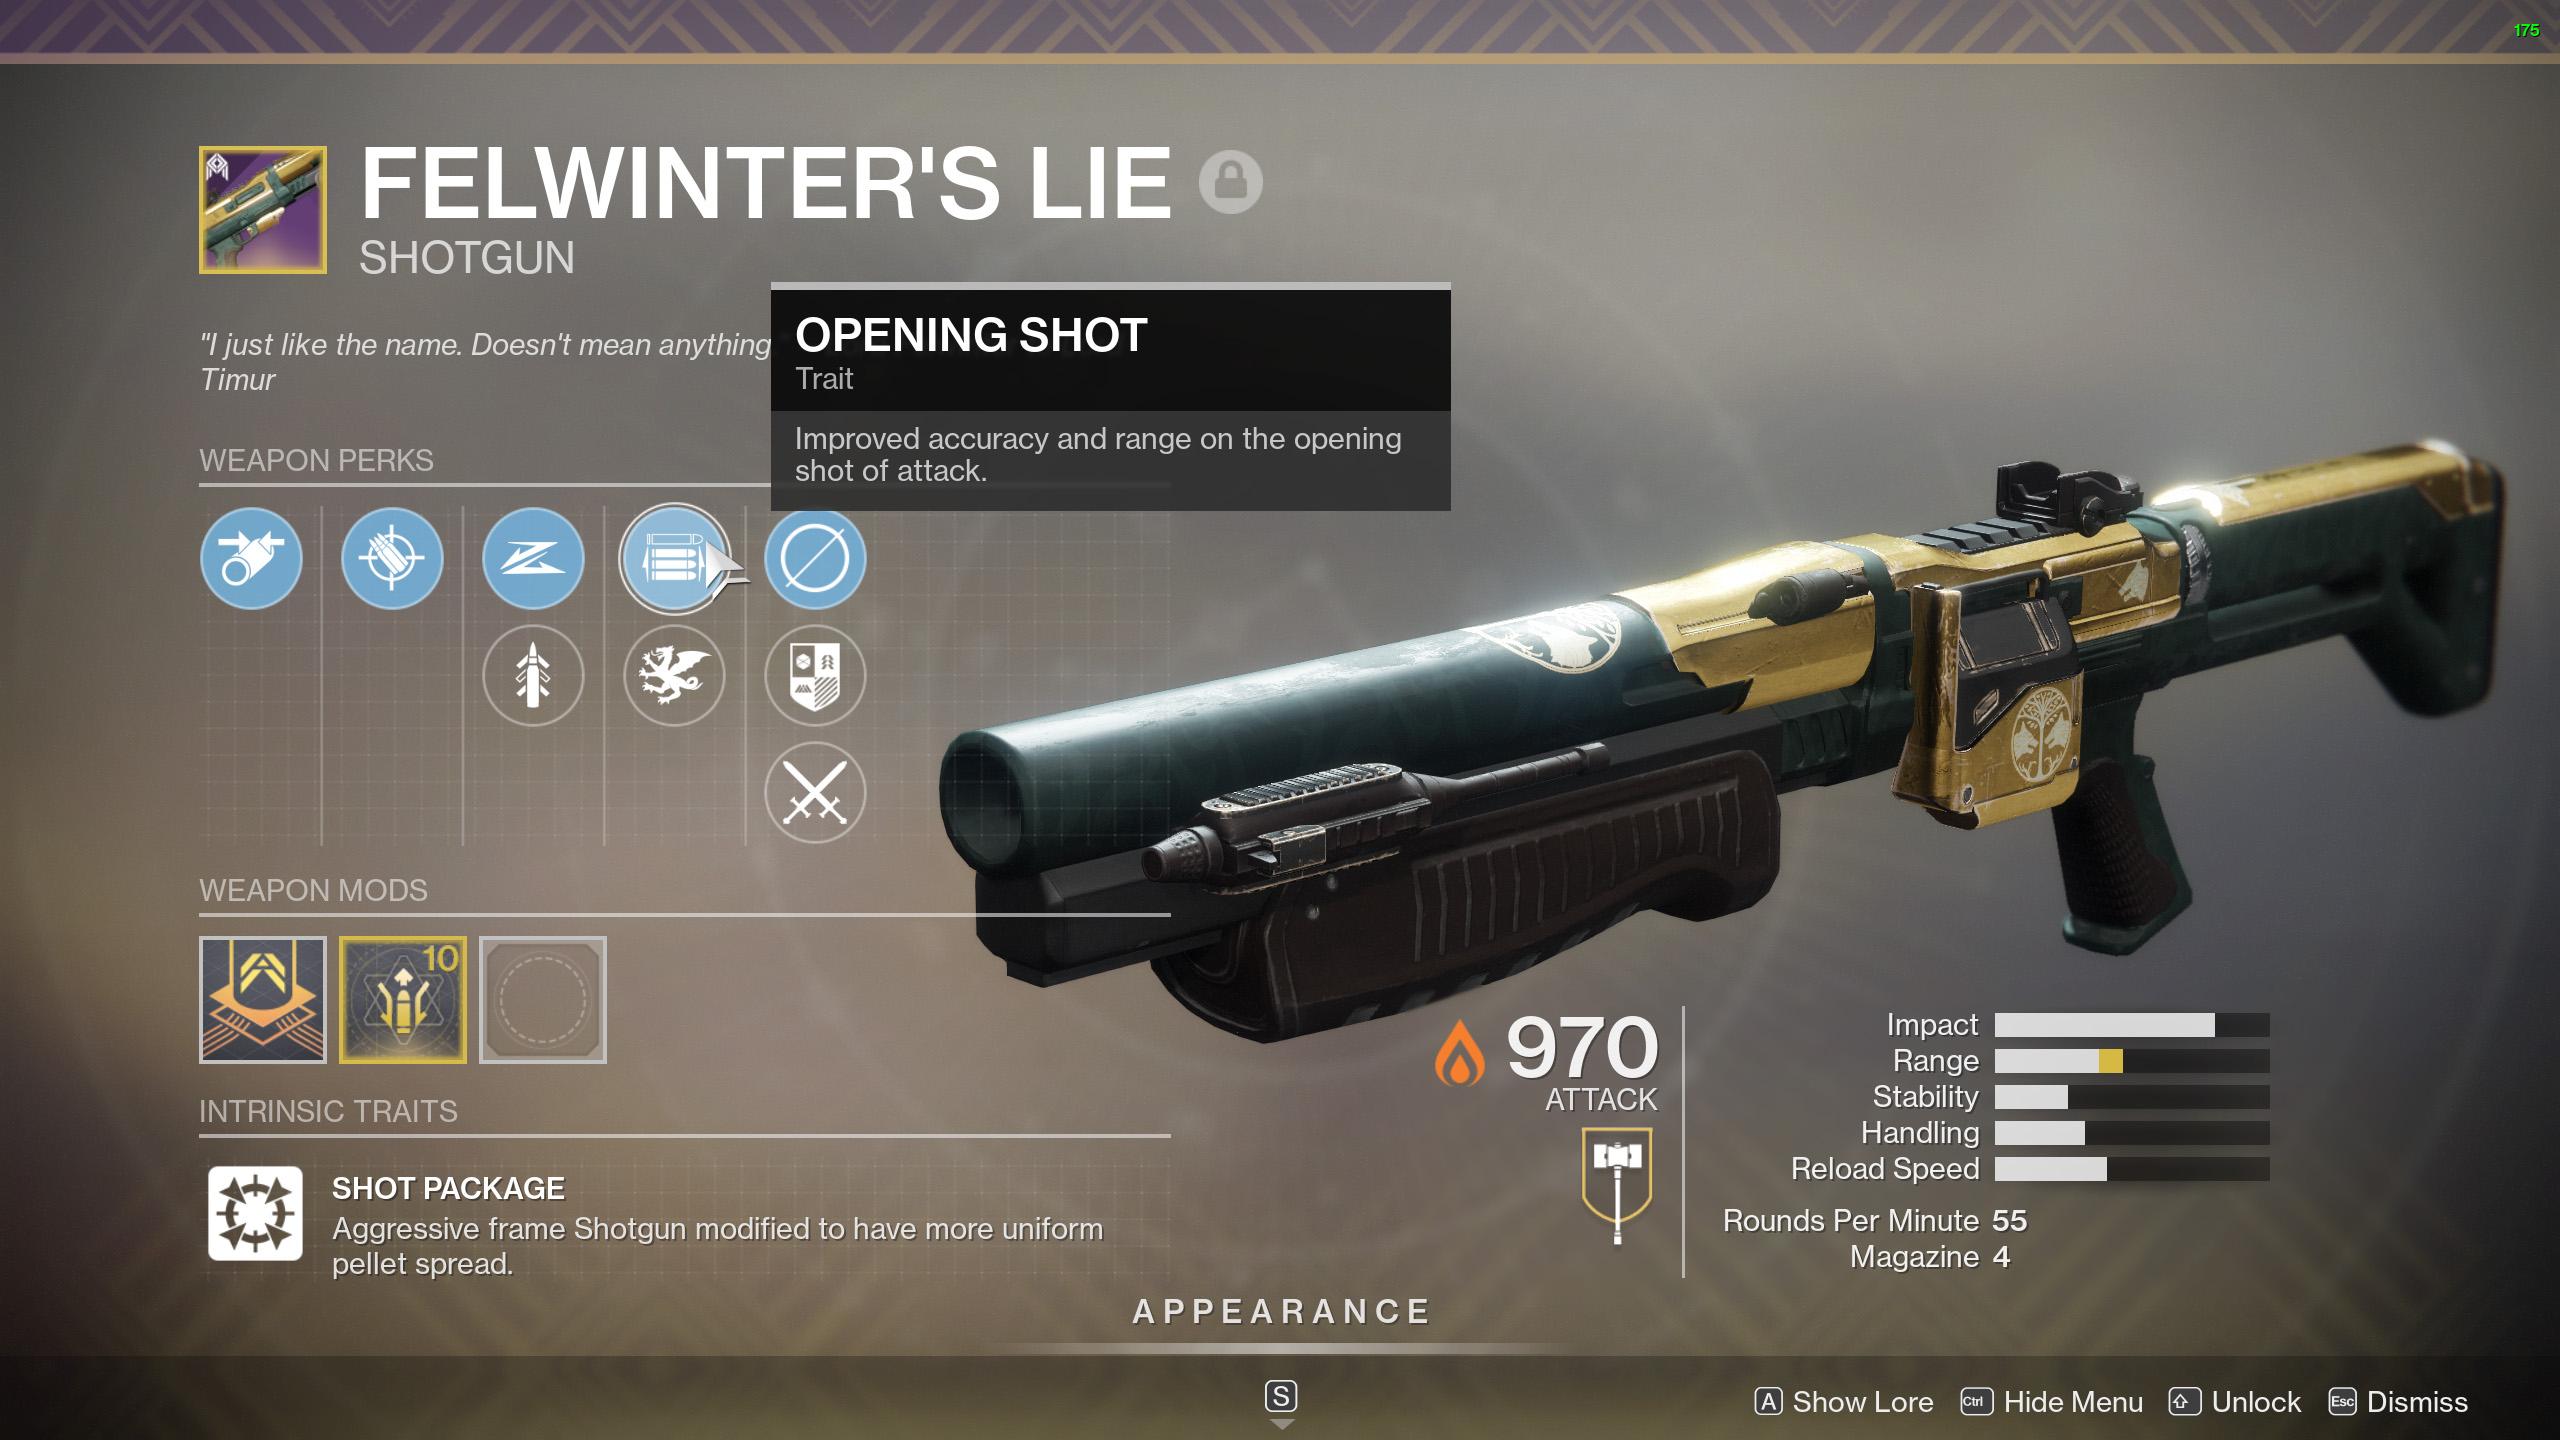 Destiny 2 Felwinter's Lie perks